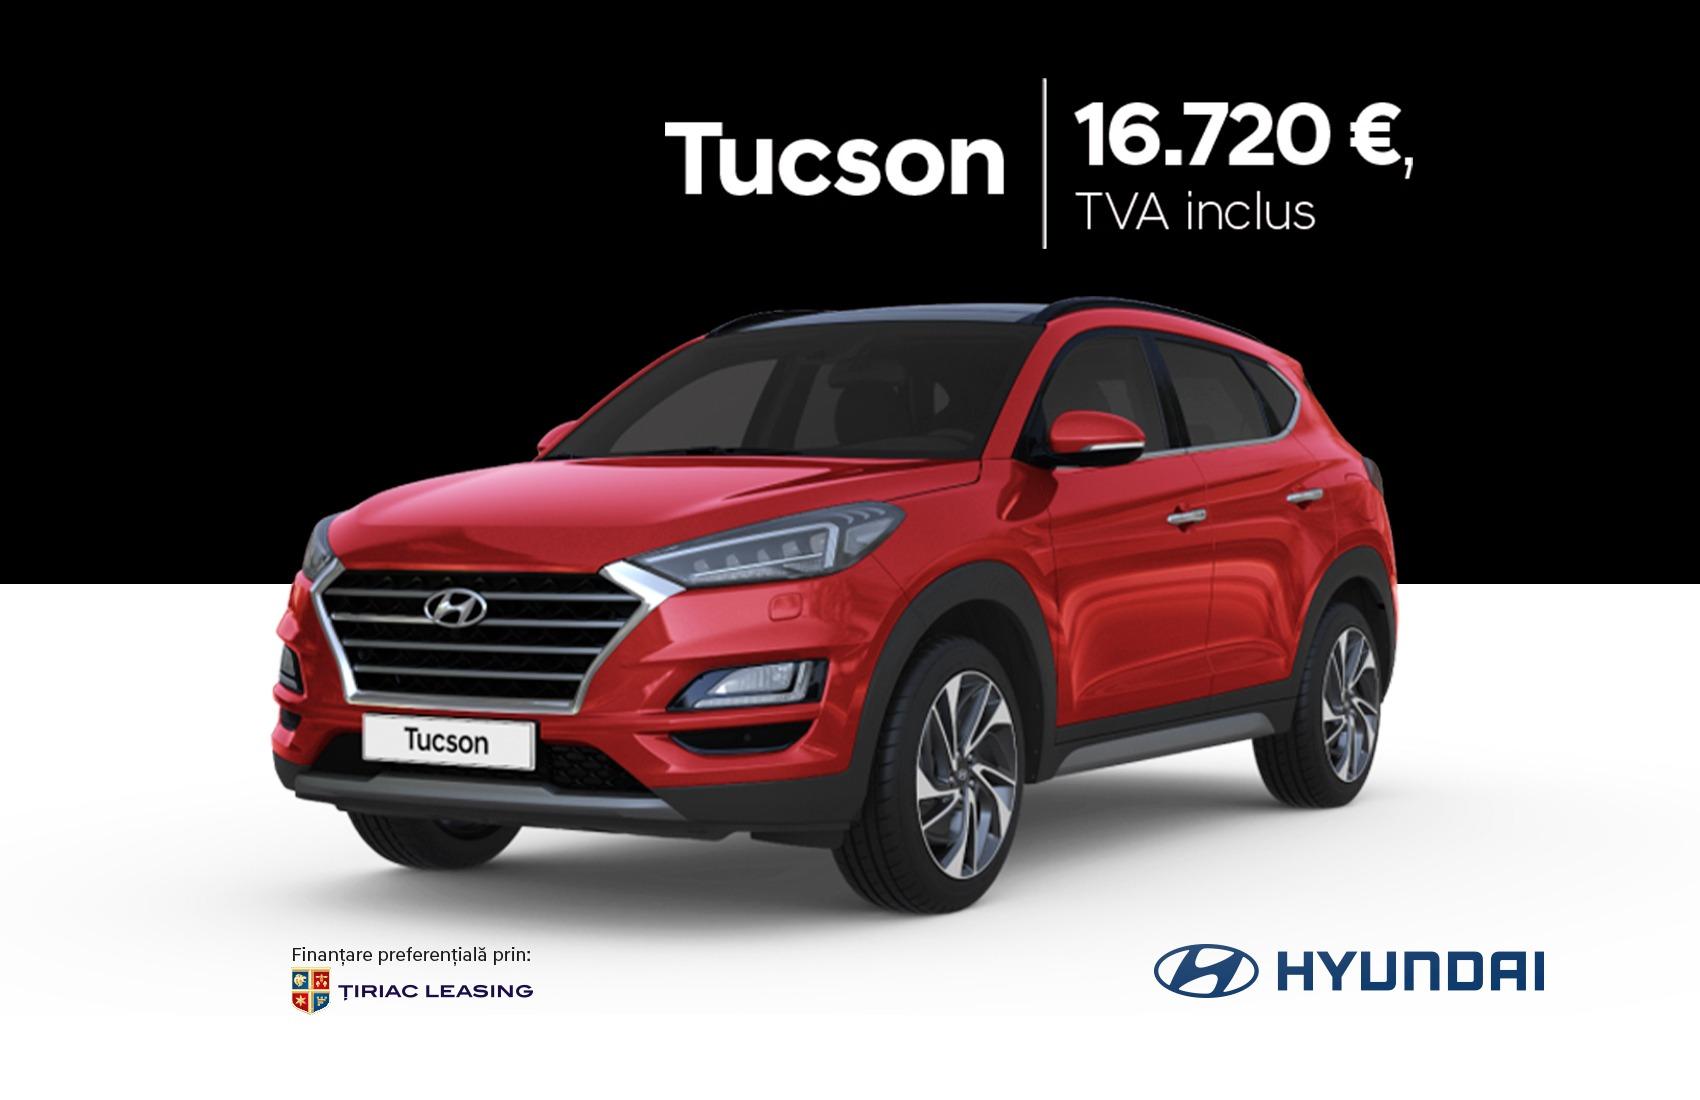 Hyundai Tucson - de la 16.720 EUR, TVA inclus